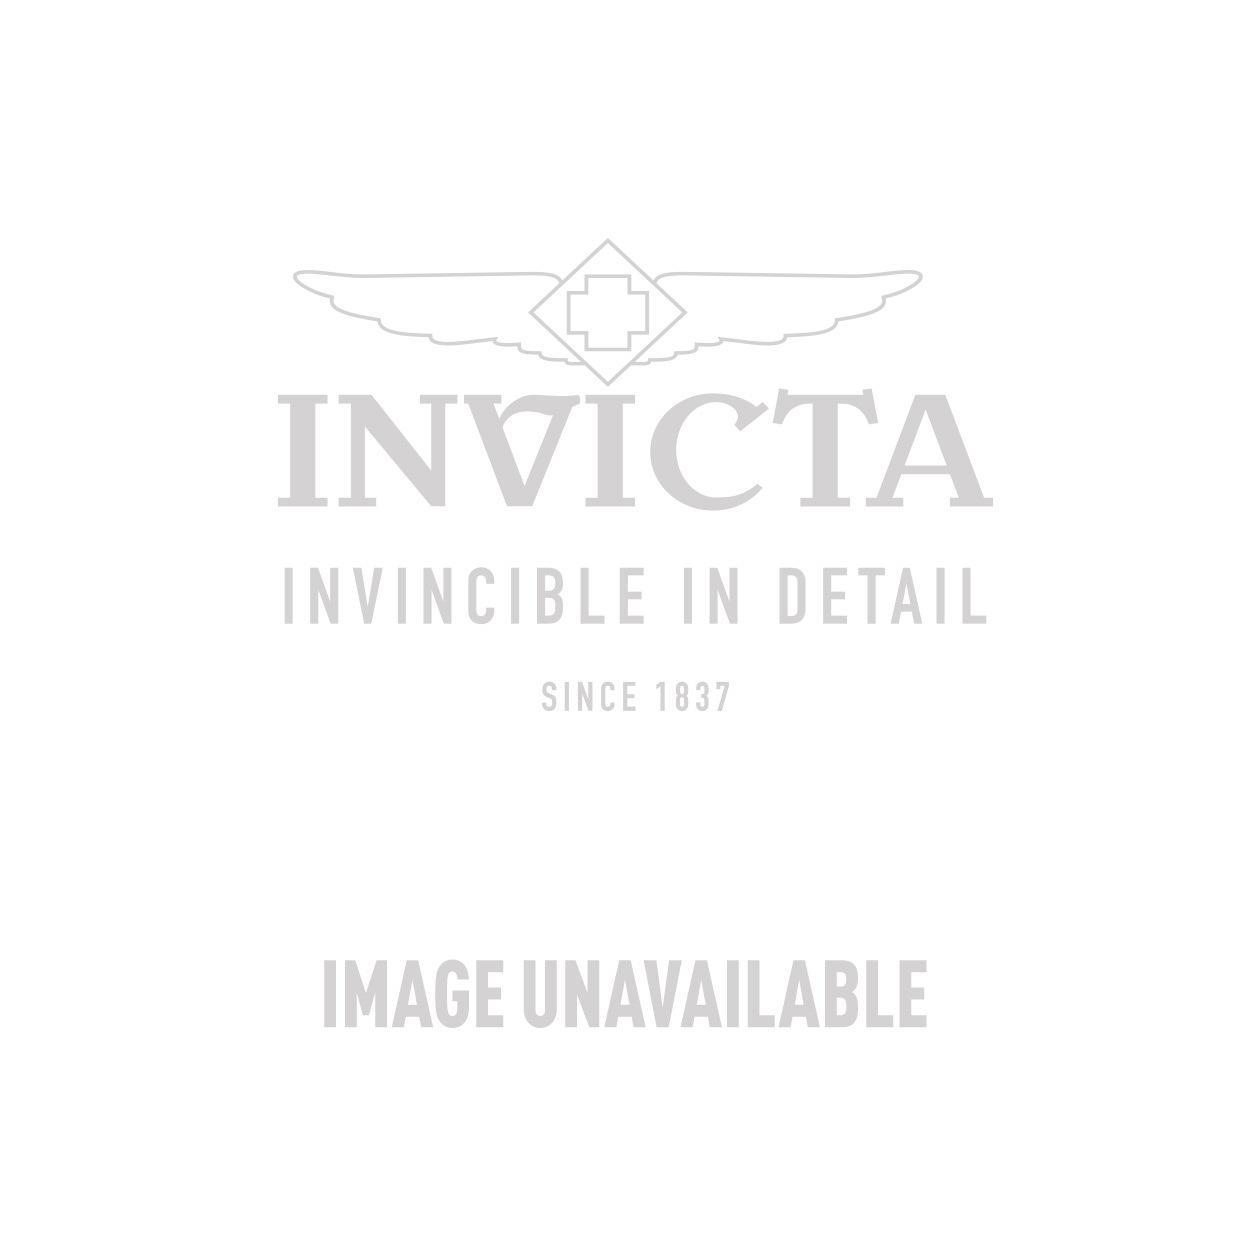 Invicta Model 25365